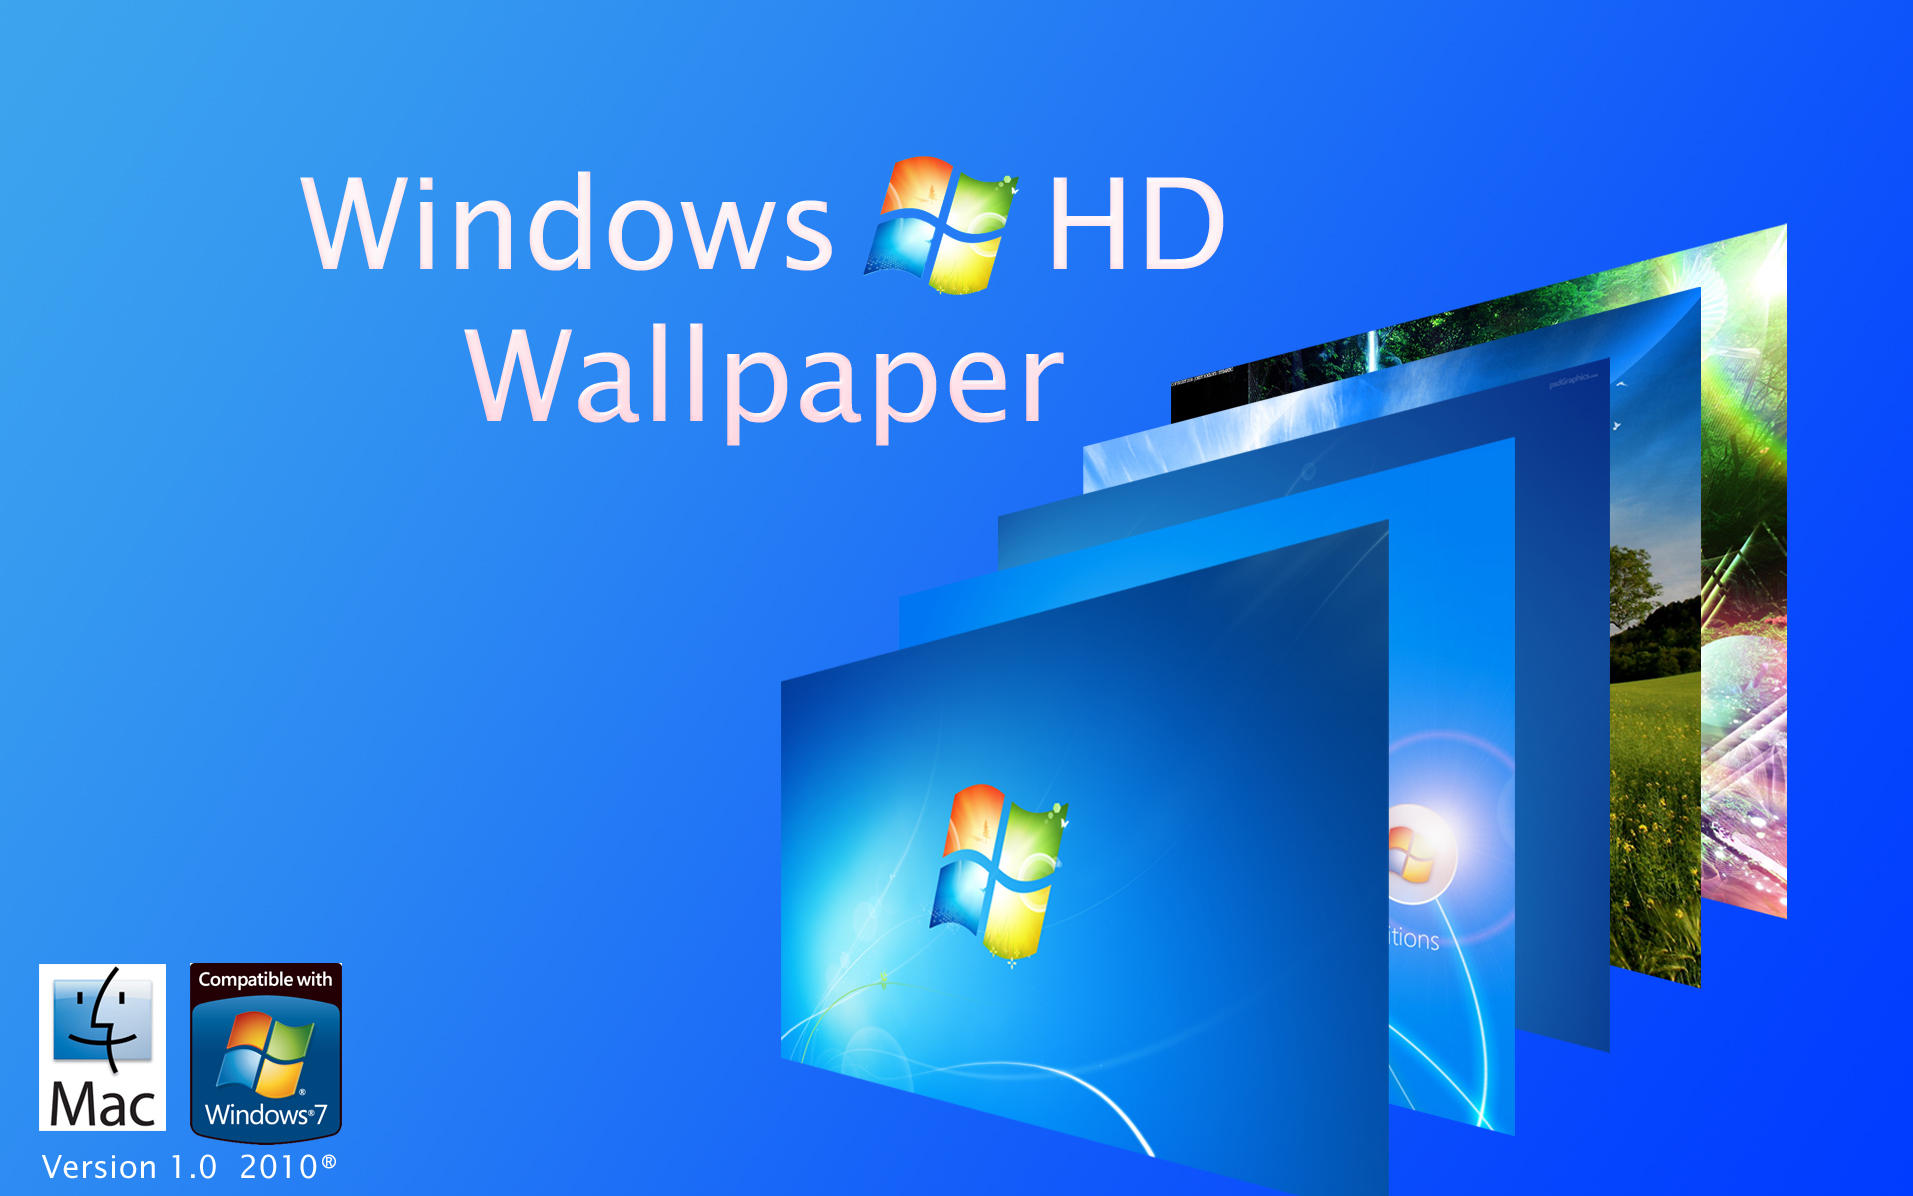 Windows 10 Wallpaper Pack: Abstract Wallpaper Rar